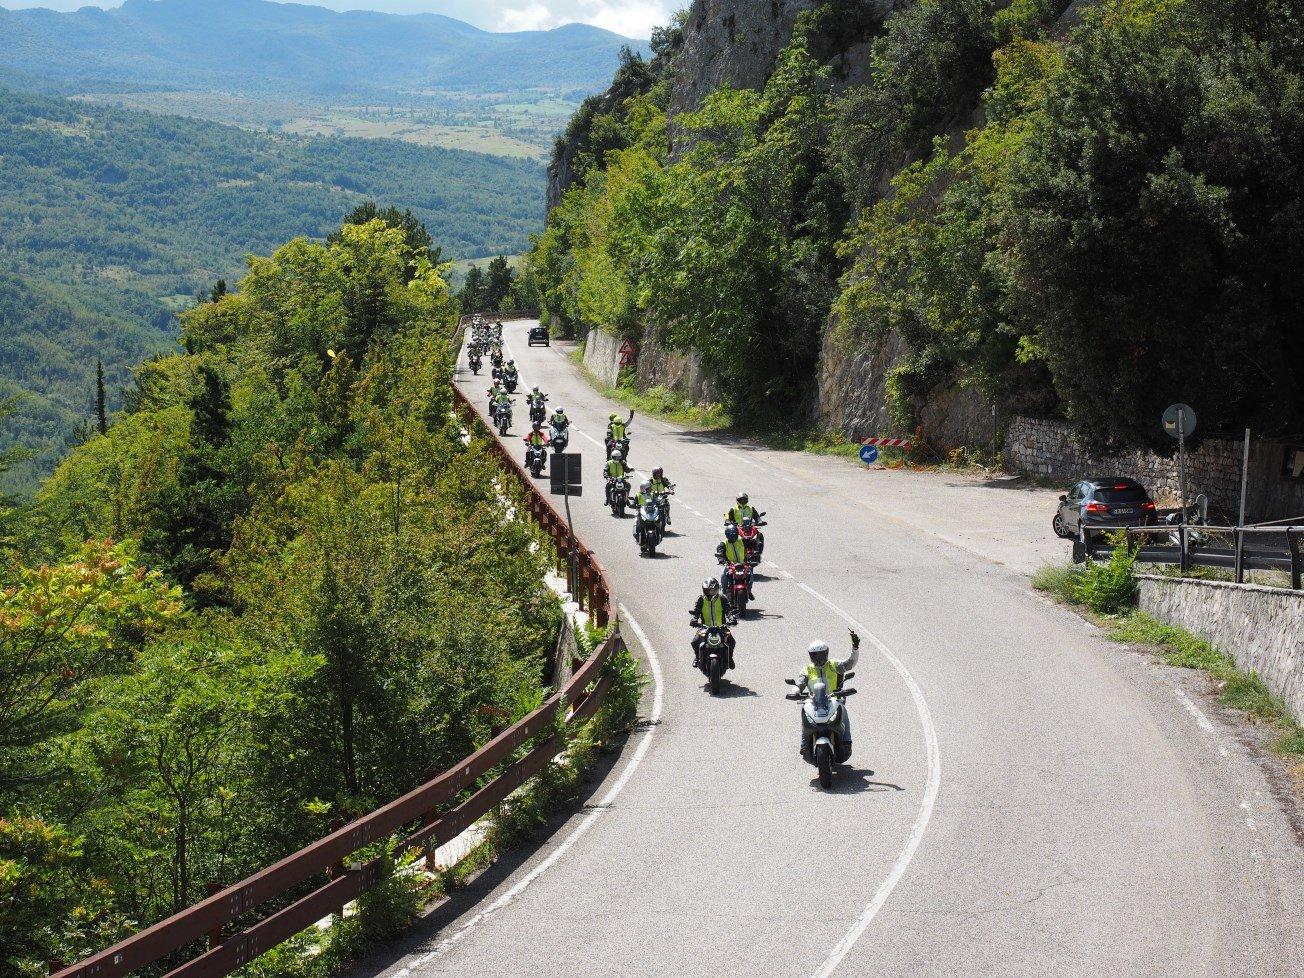 20-22 agosto: vi aspettiamo al nostro 1° Motopeperone!